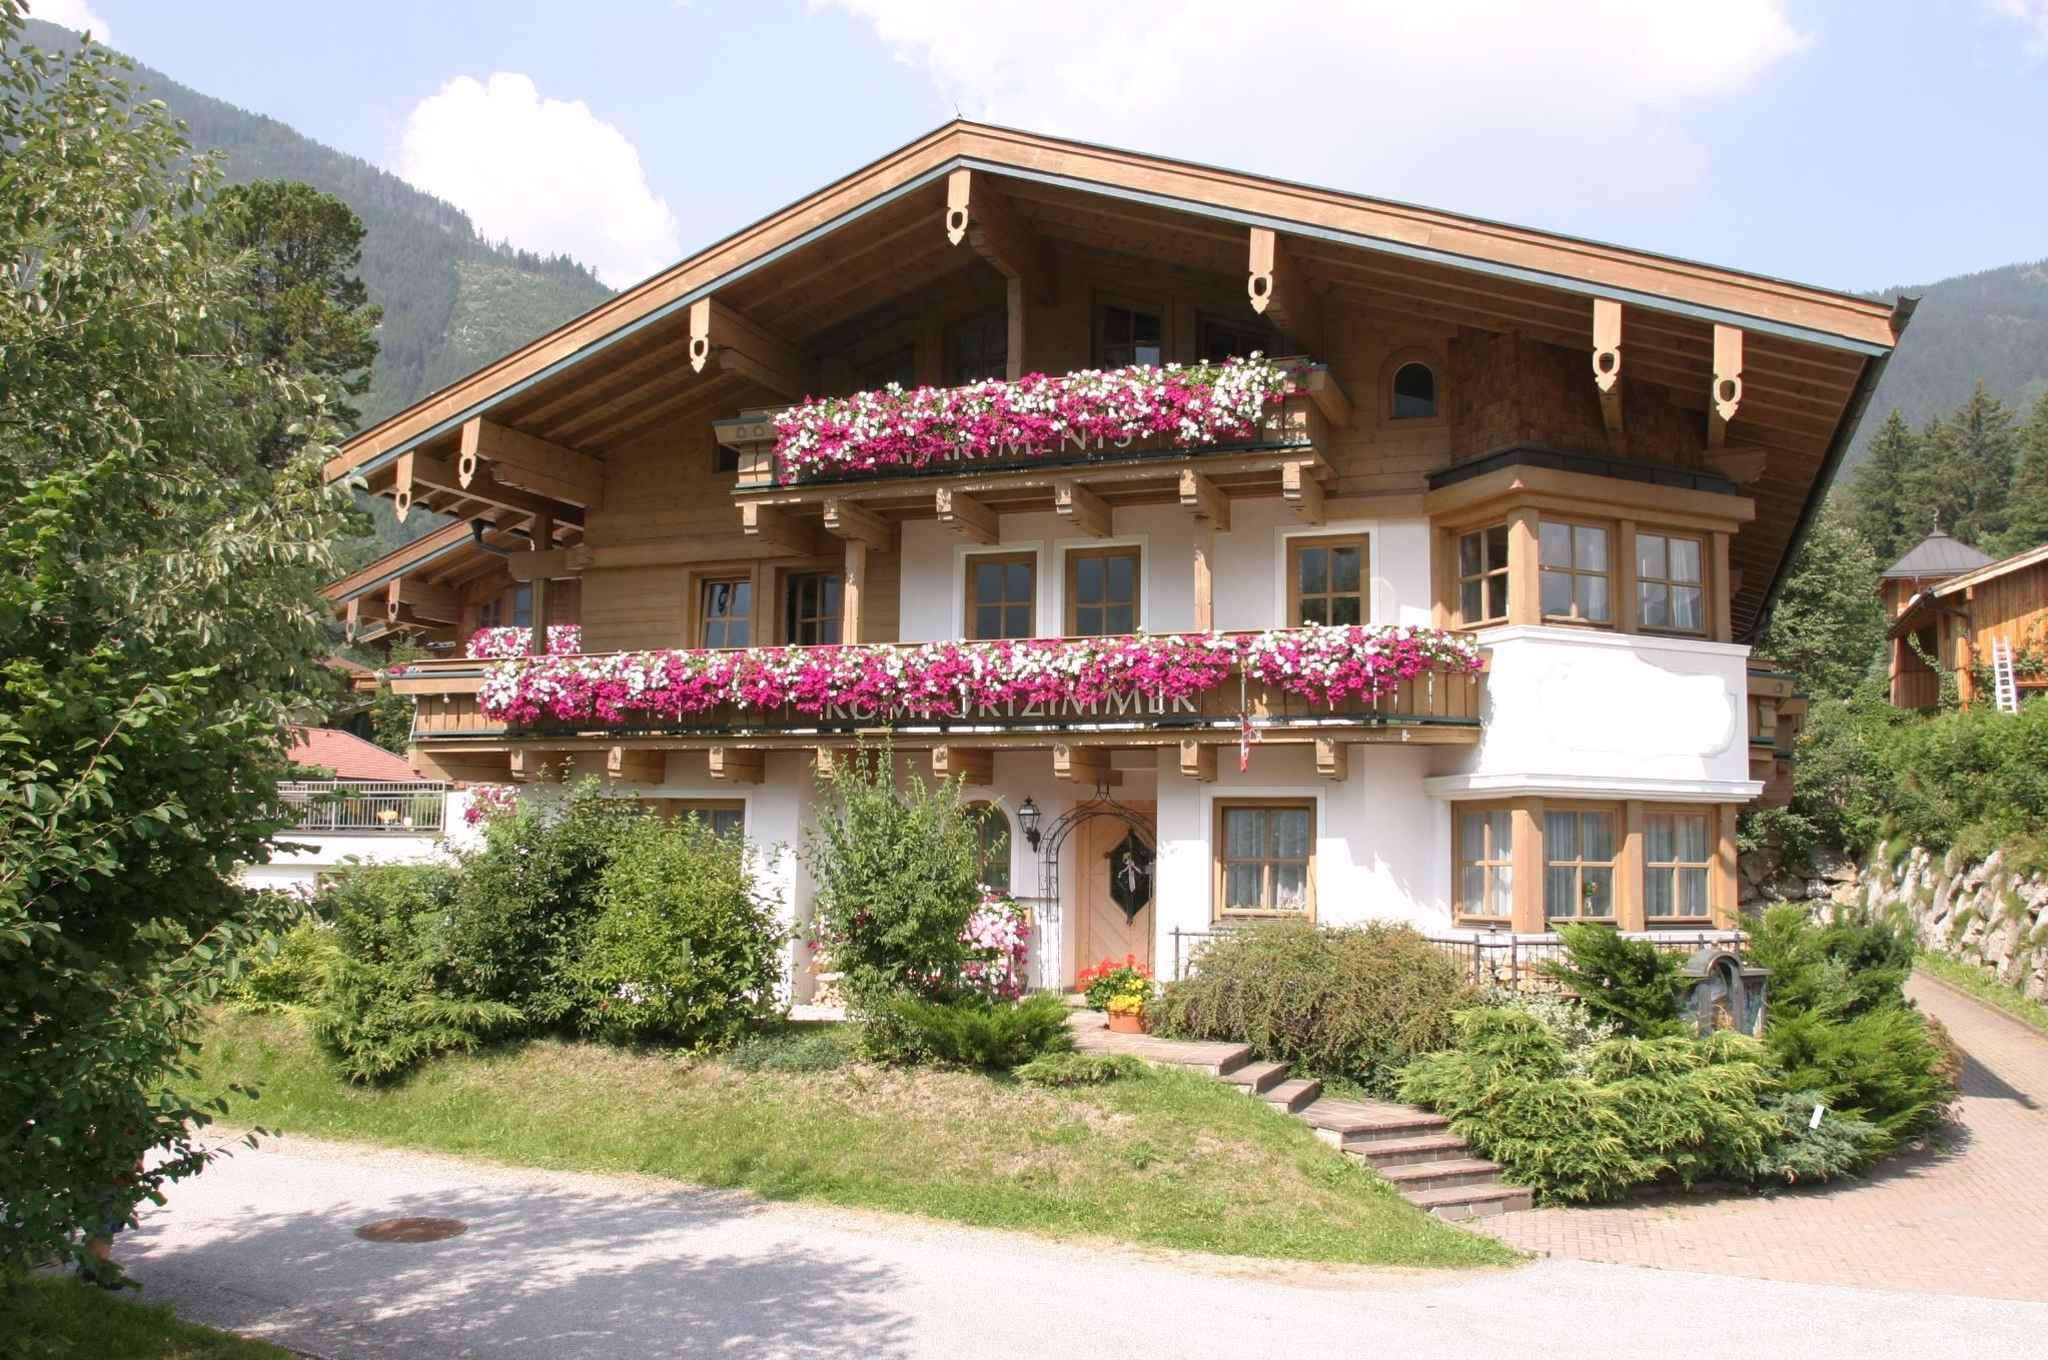 Ferienwohnung mit Balkon in ruhiger Lage (310160), Krimml, Pinzgau, Salzburg, Österreich, Bild 2